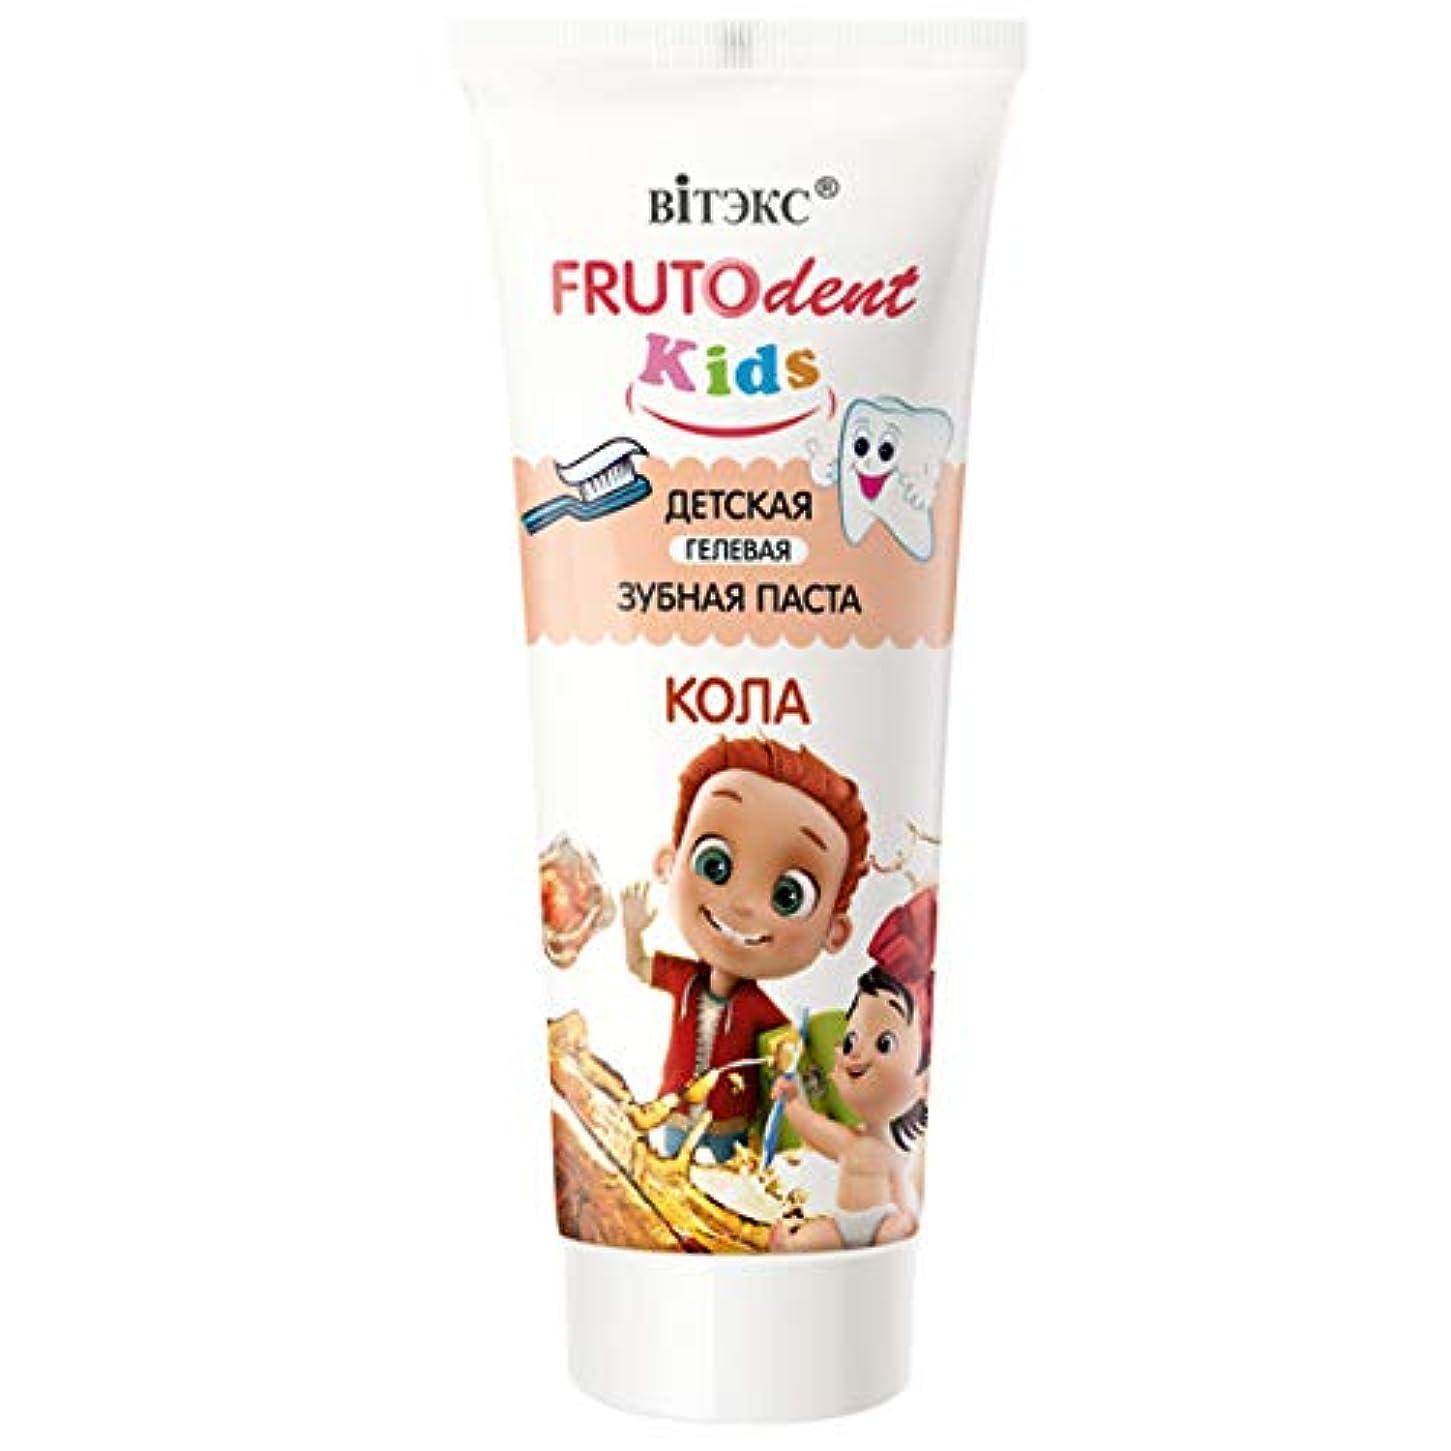 さようなら懇願する差Bielita & Vitex   FRUTTO DENT KIDS   GEL TOOTHPASTE FOR KIDS FLUORIDE-FREE   65g (COLA)